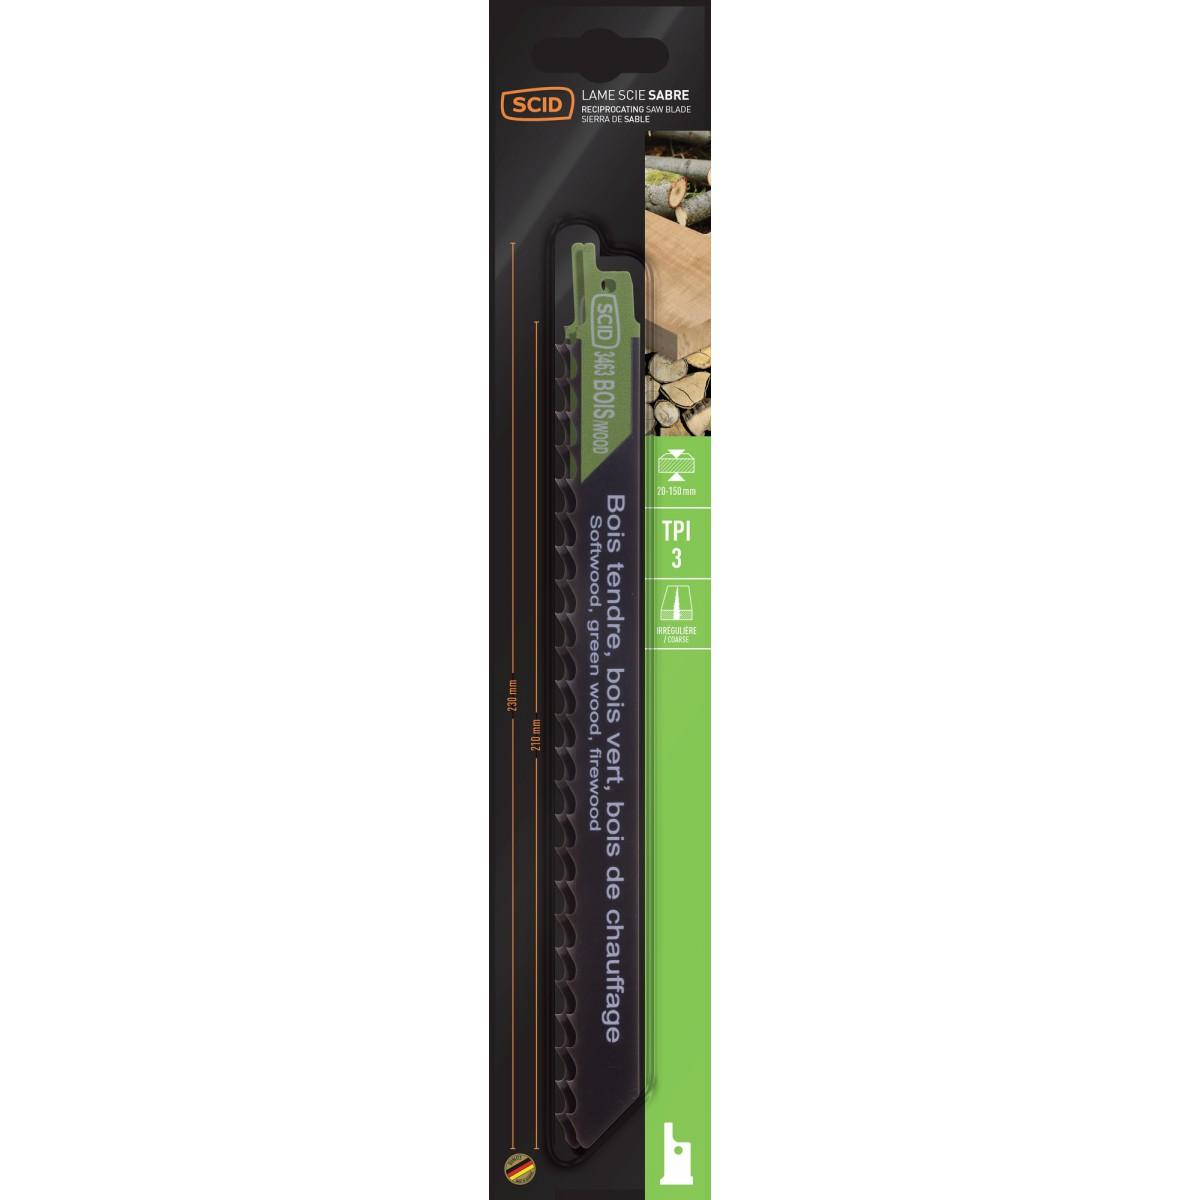 Lame de scie sabre classique bois SCID - Epaisseur 1,2 mm - Longueur 230 mm - Vendu par 2